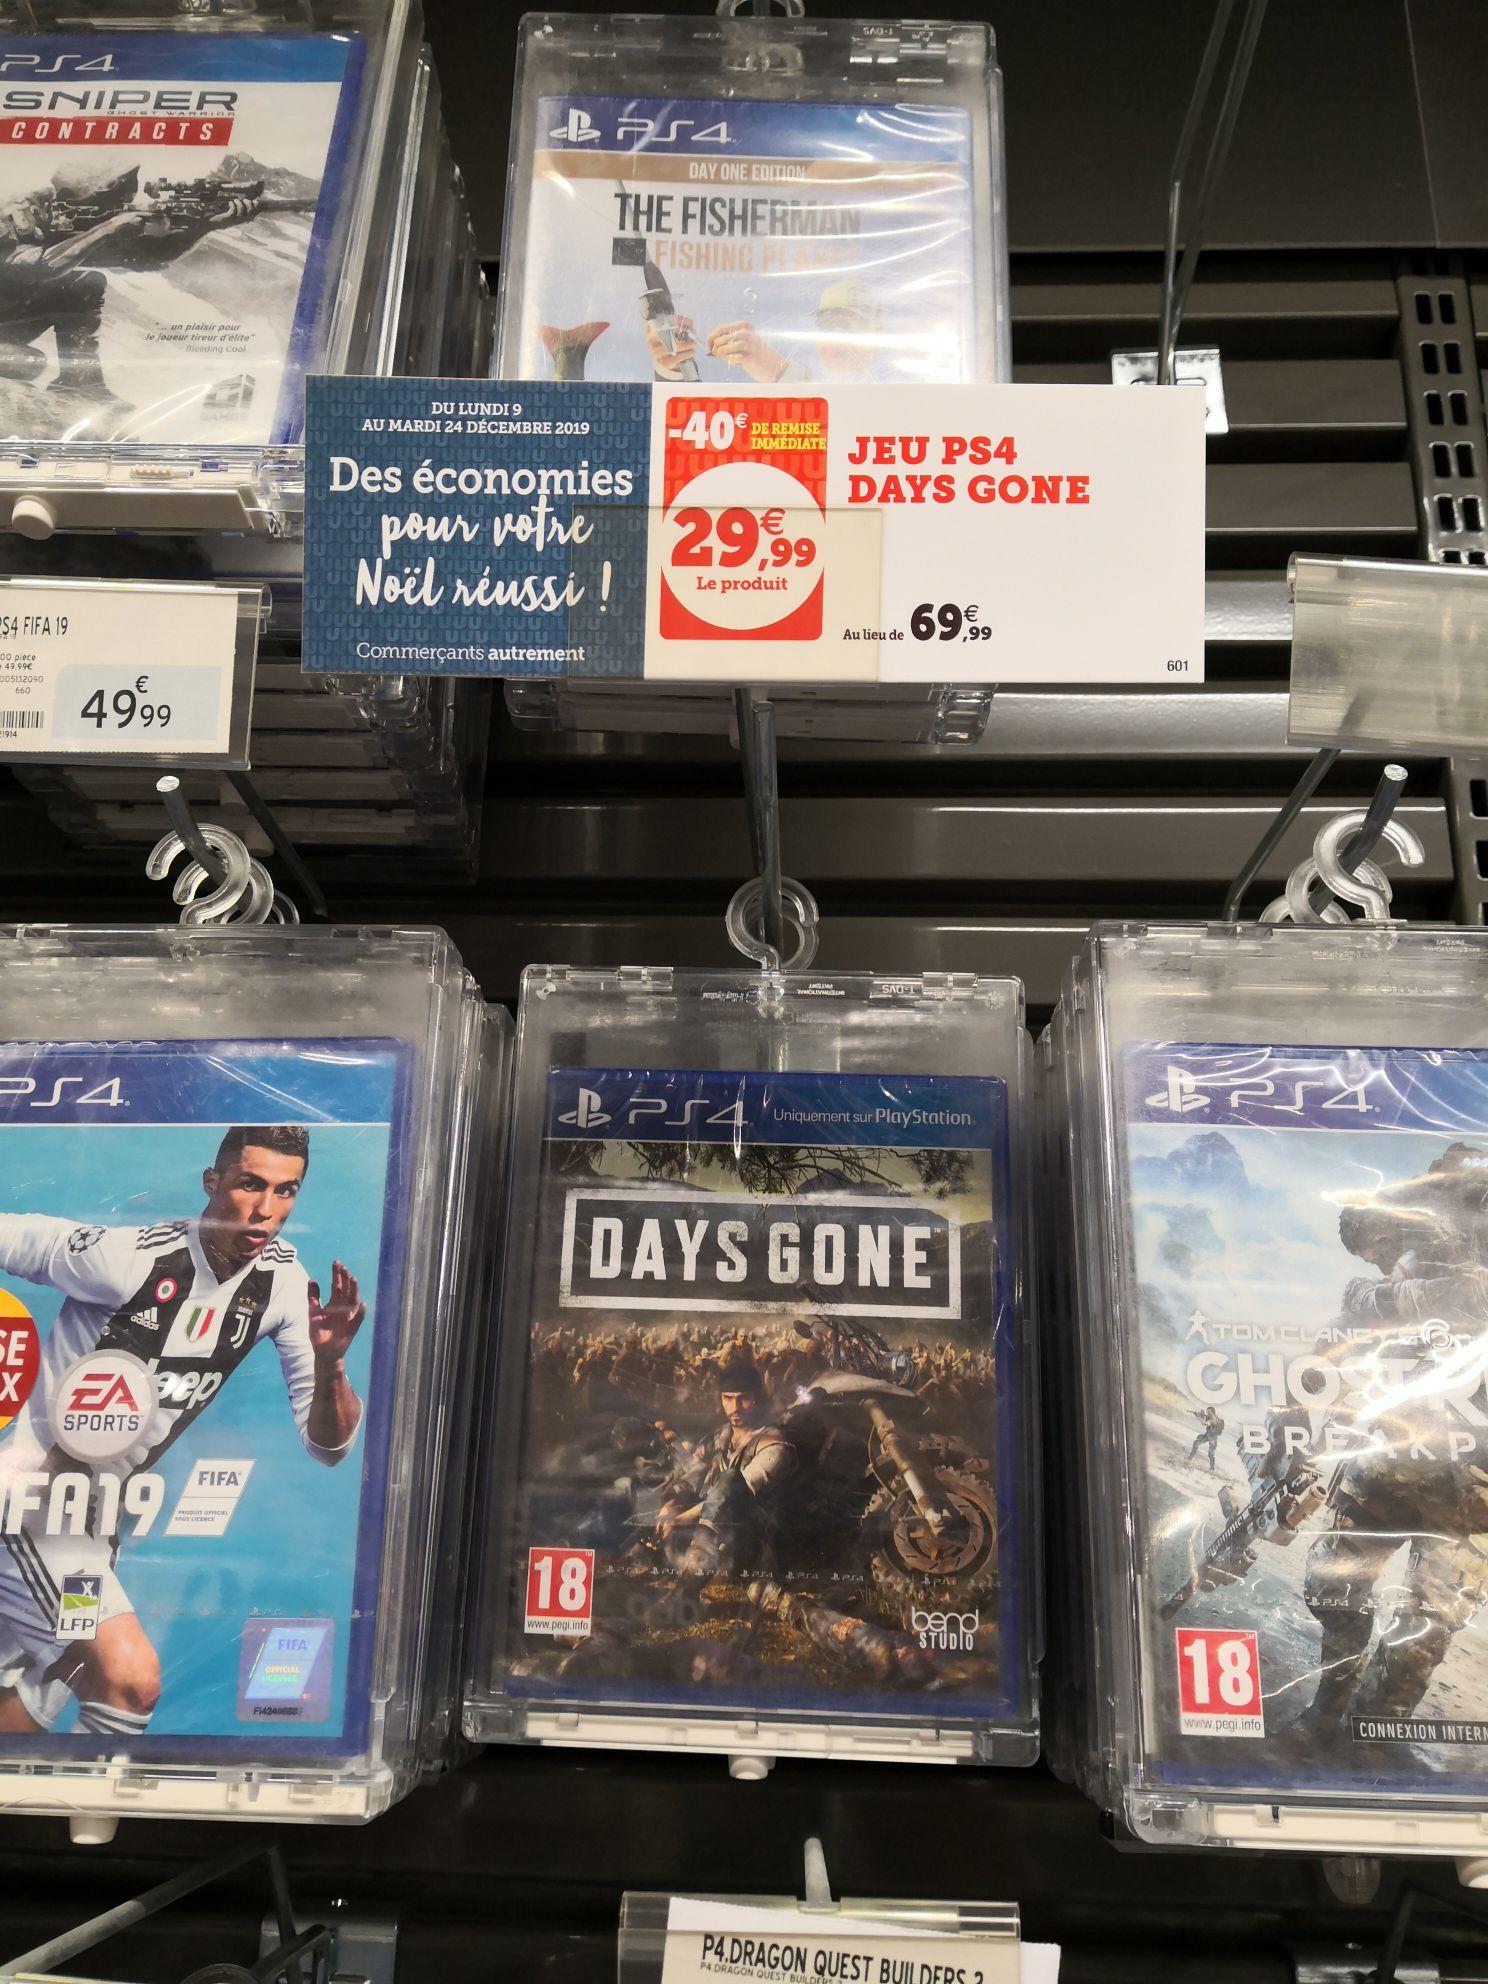 Sélection de produits en promotion - Ex : Days Gone sur PS4 - Fontenay-le-Comte (85)